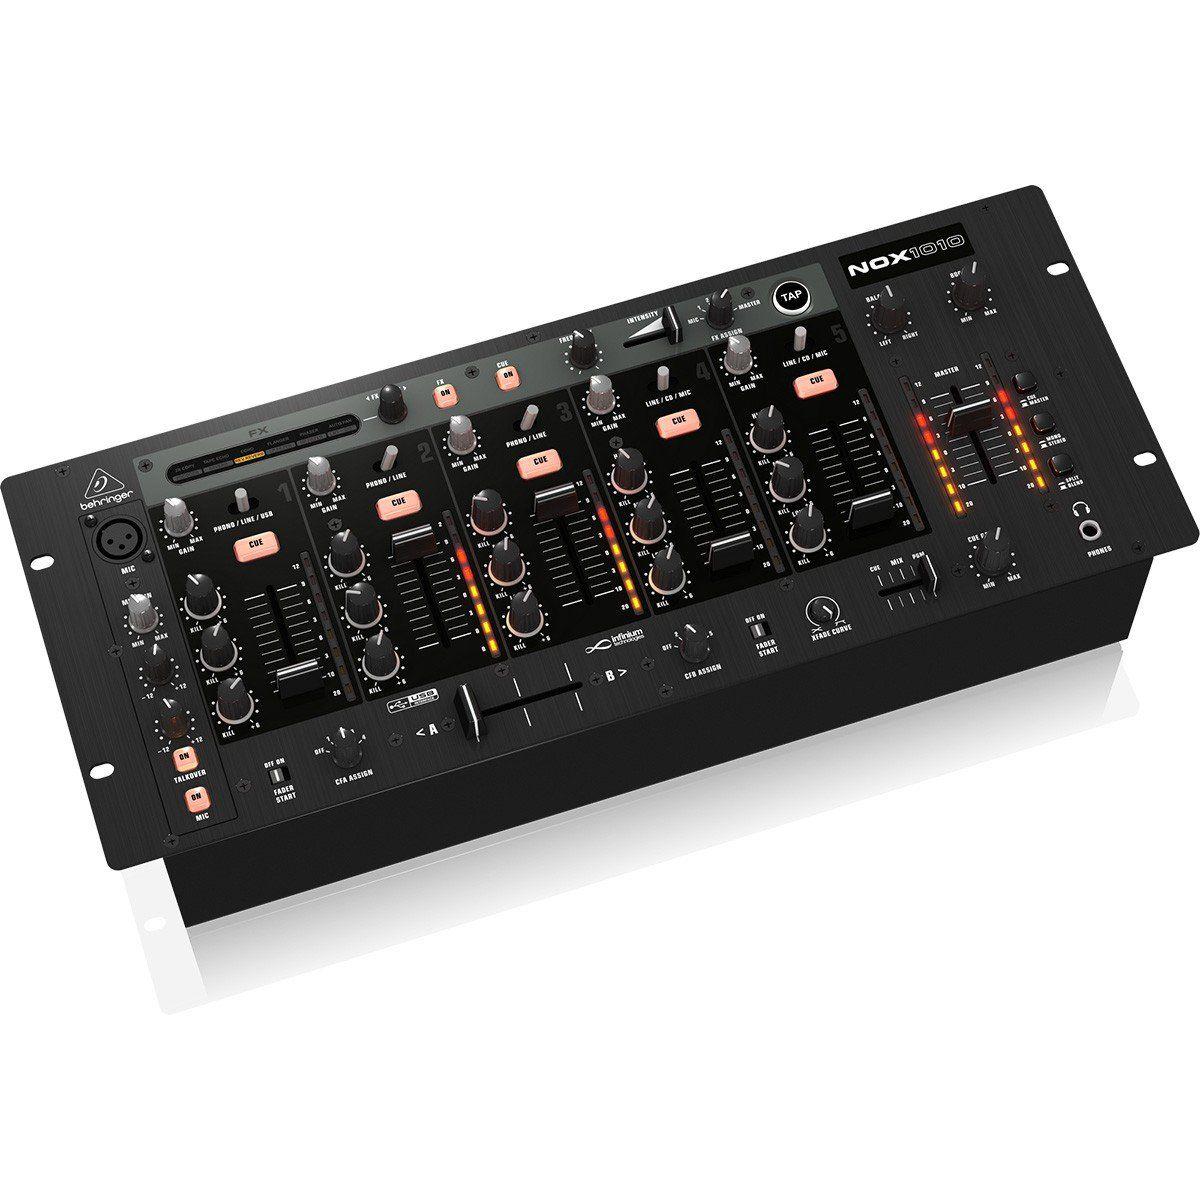 Behringer NOX1010 Mixer Behringer NOX1010 com 5 Canais